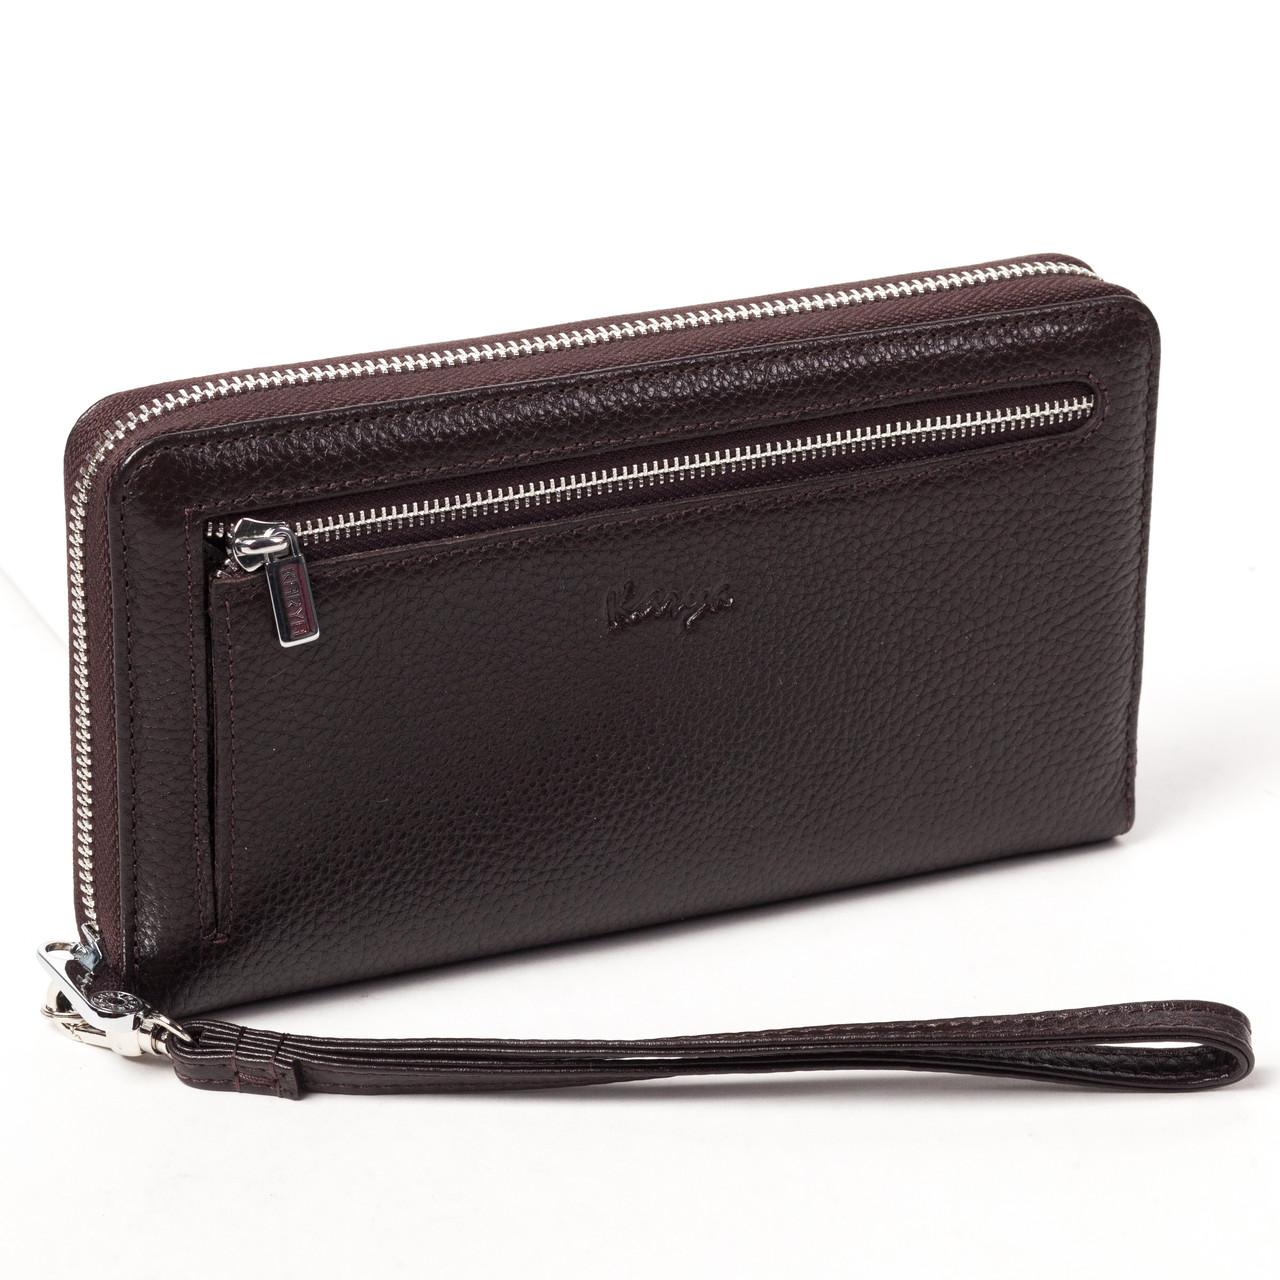 Клатч-кошелек Karya 0706-39 мужской кожаный коричневый